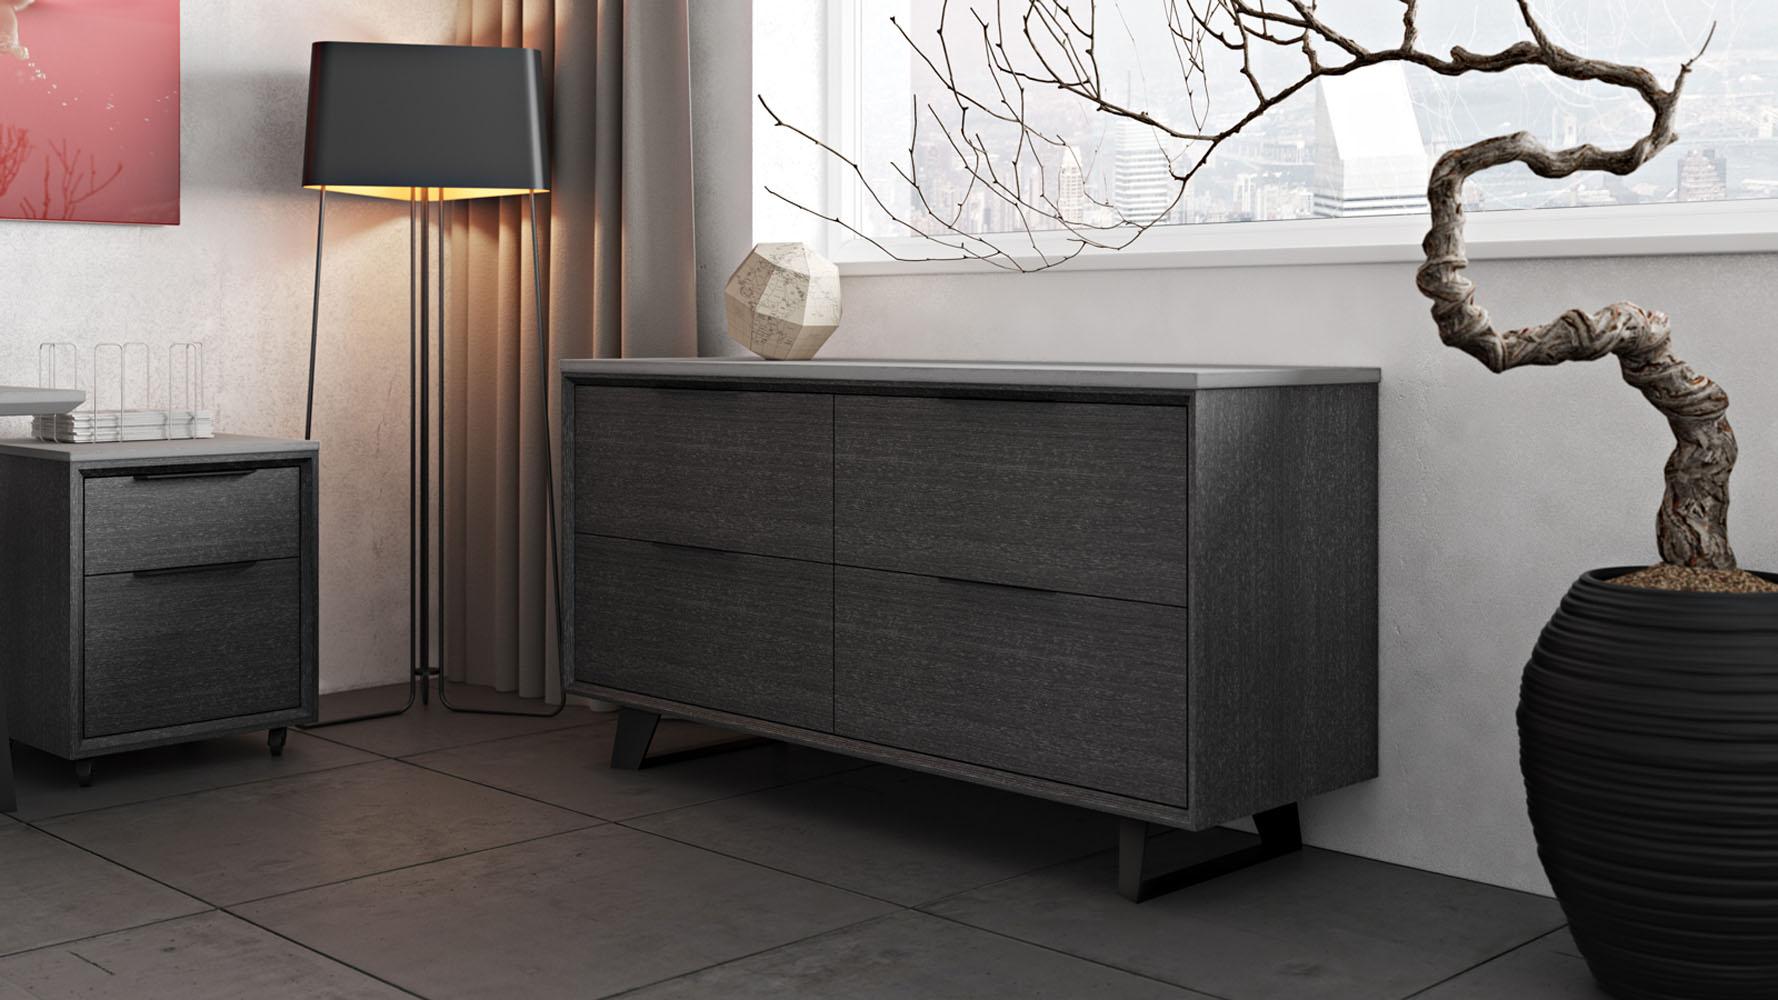 Modern Adal File Credenza - Concrete on Gray Oak | Zuri Furniture on filing door, filing shelf, filing bench,